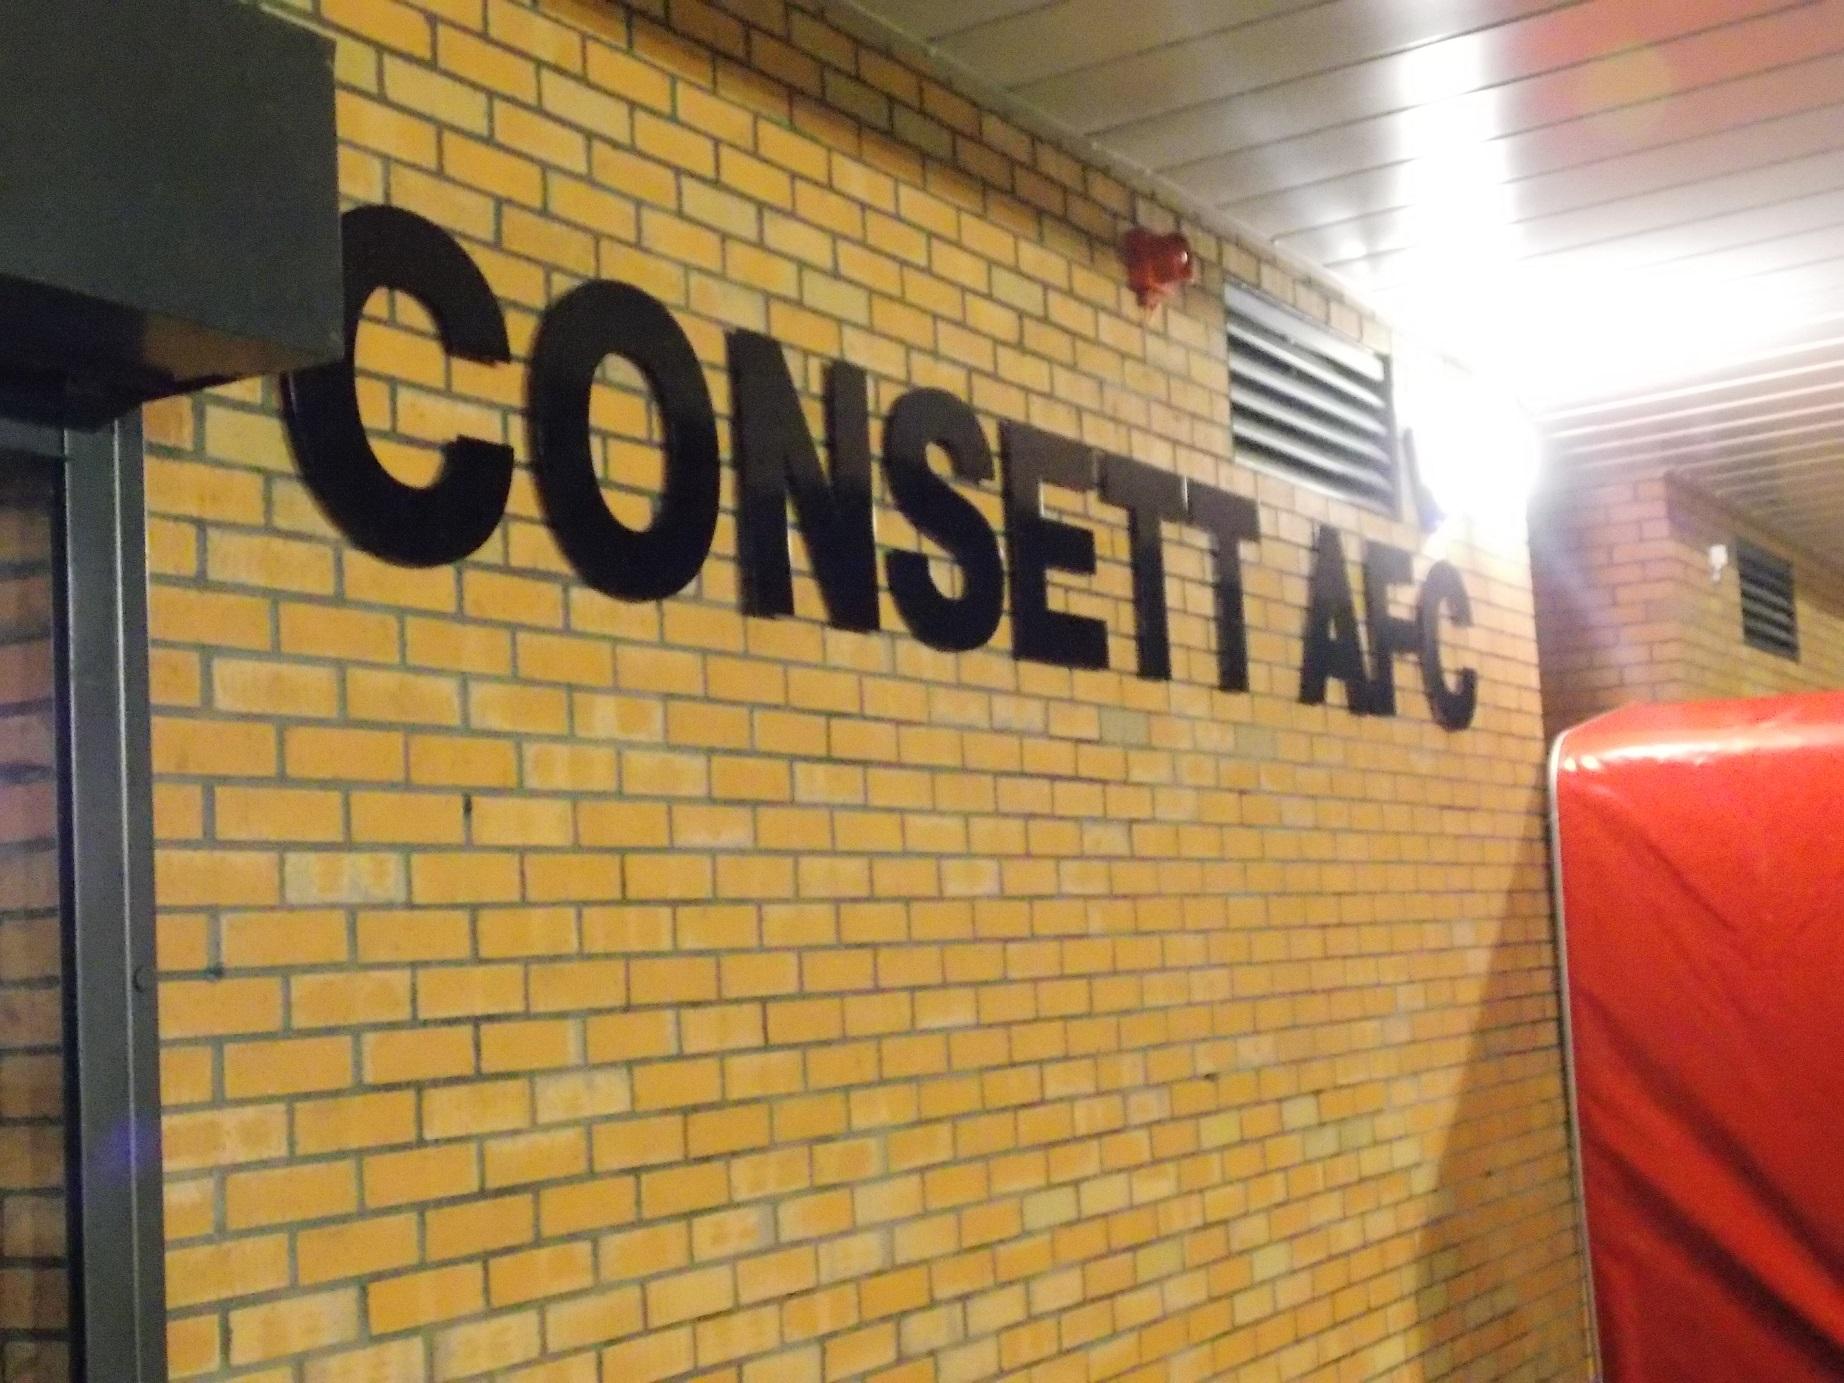 Consett AFC photograph